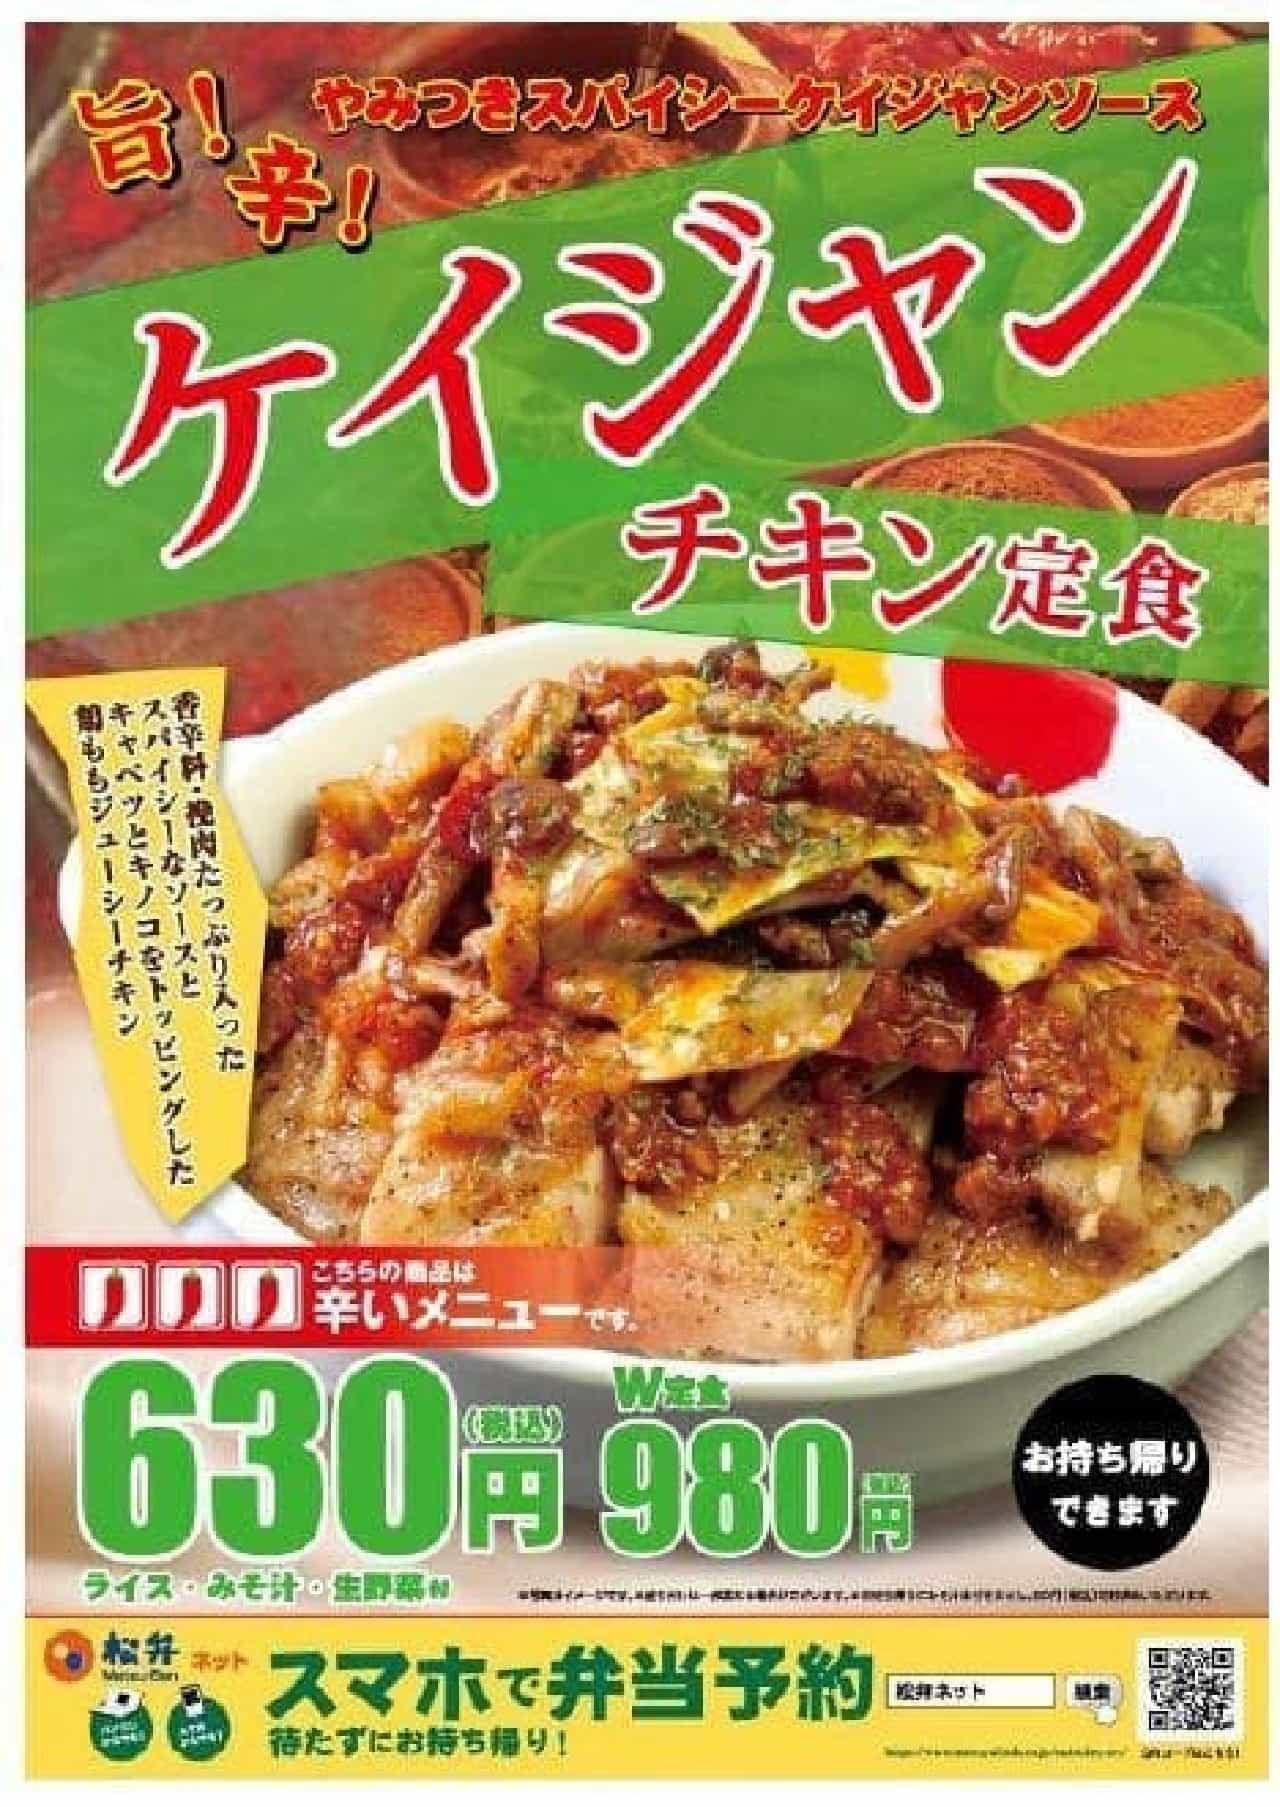 「ケイジャンチキン定食」新登場